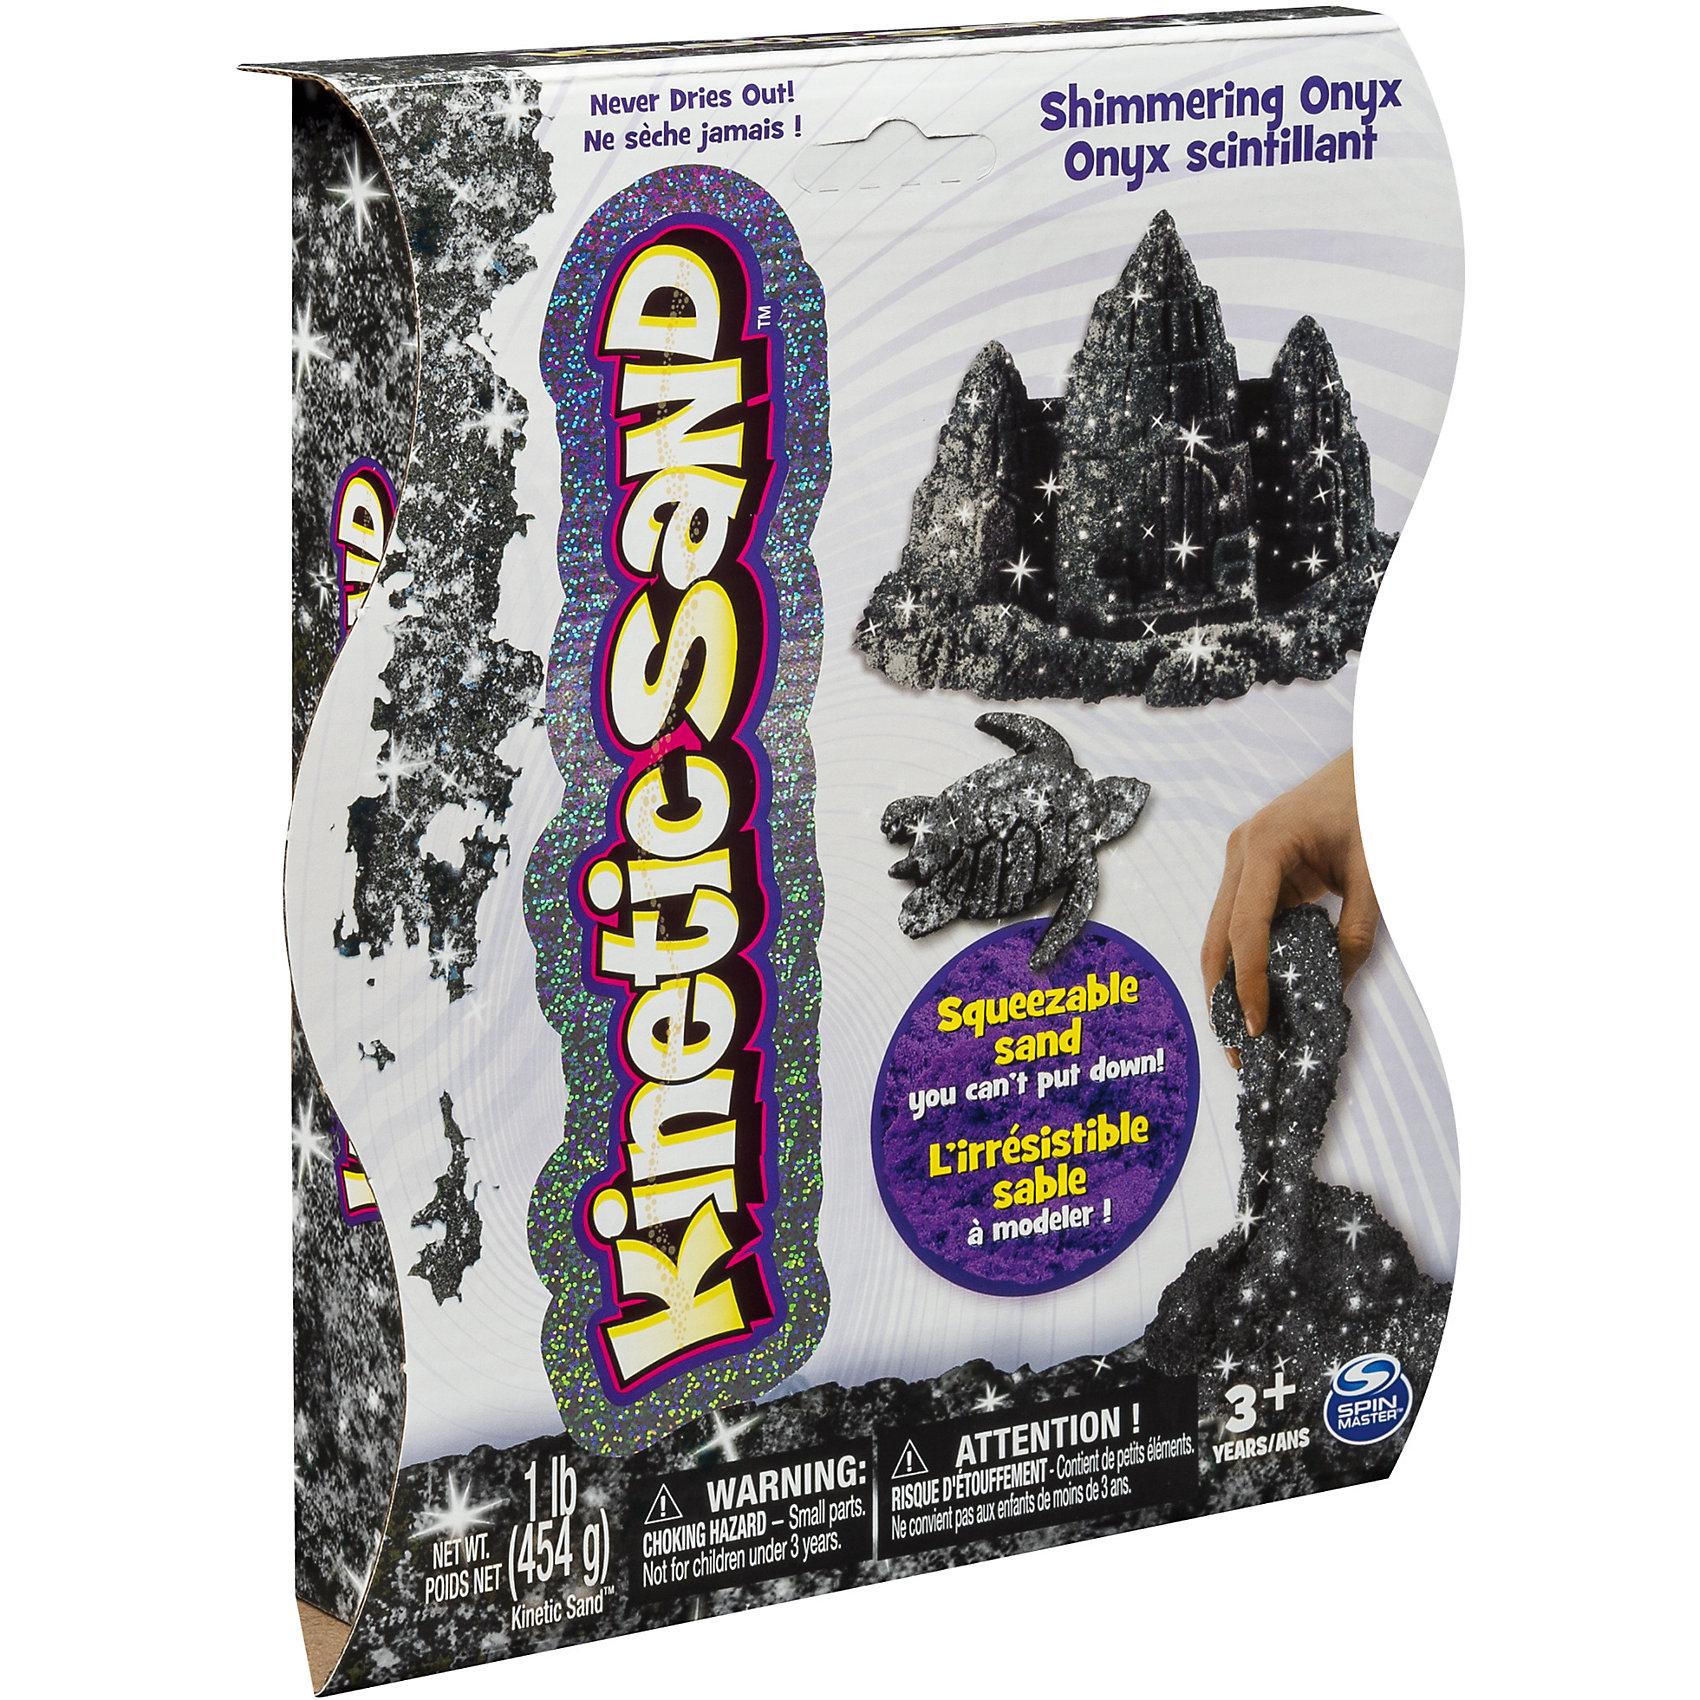 Песок для лепки Kinetic sand Драгоценные камни - оникс, 455грКинетический песок<br>Новые наборы для творчества Kinetic sand — кинетический песок ярких цветов драгоценных камней: изумрудный, сапфировый, или аметист. Эффект мерцания достигается благодаря добавленным в состав песка светоотражающим частицам.<br><br>Кинетический песок — идеальный материал для творчества: гипоаллергенный, приятный на ощупь, не прилипает к рукам и красиво течёт сквозь пальцы.<br><br>Kinetic Sand состоит из кварцевого песка и уникального связующего агента, в который добавлены светоотражающие частицы.<br><br>Ширина мм: 185<br>Глубина мм: 220<br>Высота мм: 45<br>Вес г: 567<br>Возраст от месяцев: 36<br>Возраст до месяцев: 84<br>Пол: Унисекс<br>Возраст: Детский<br>SKU: 4768734